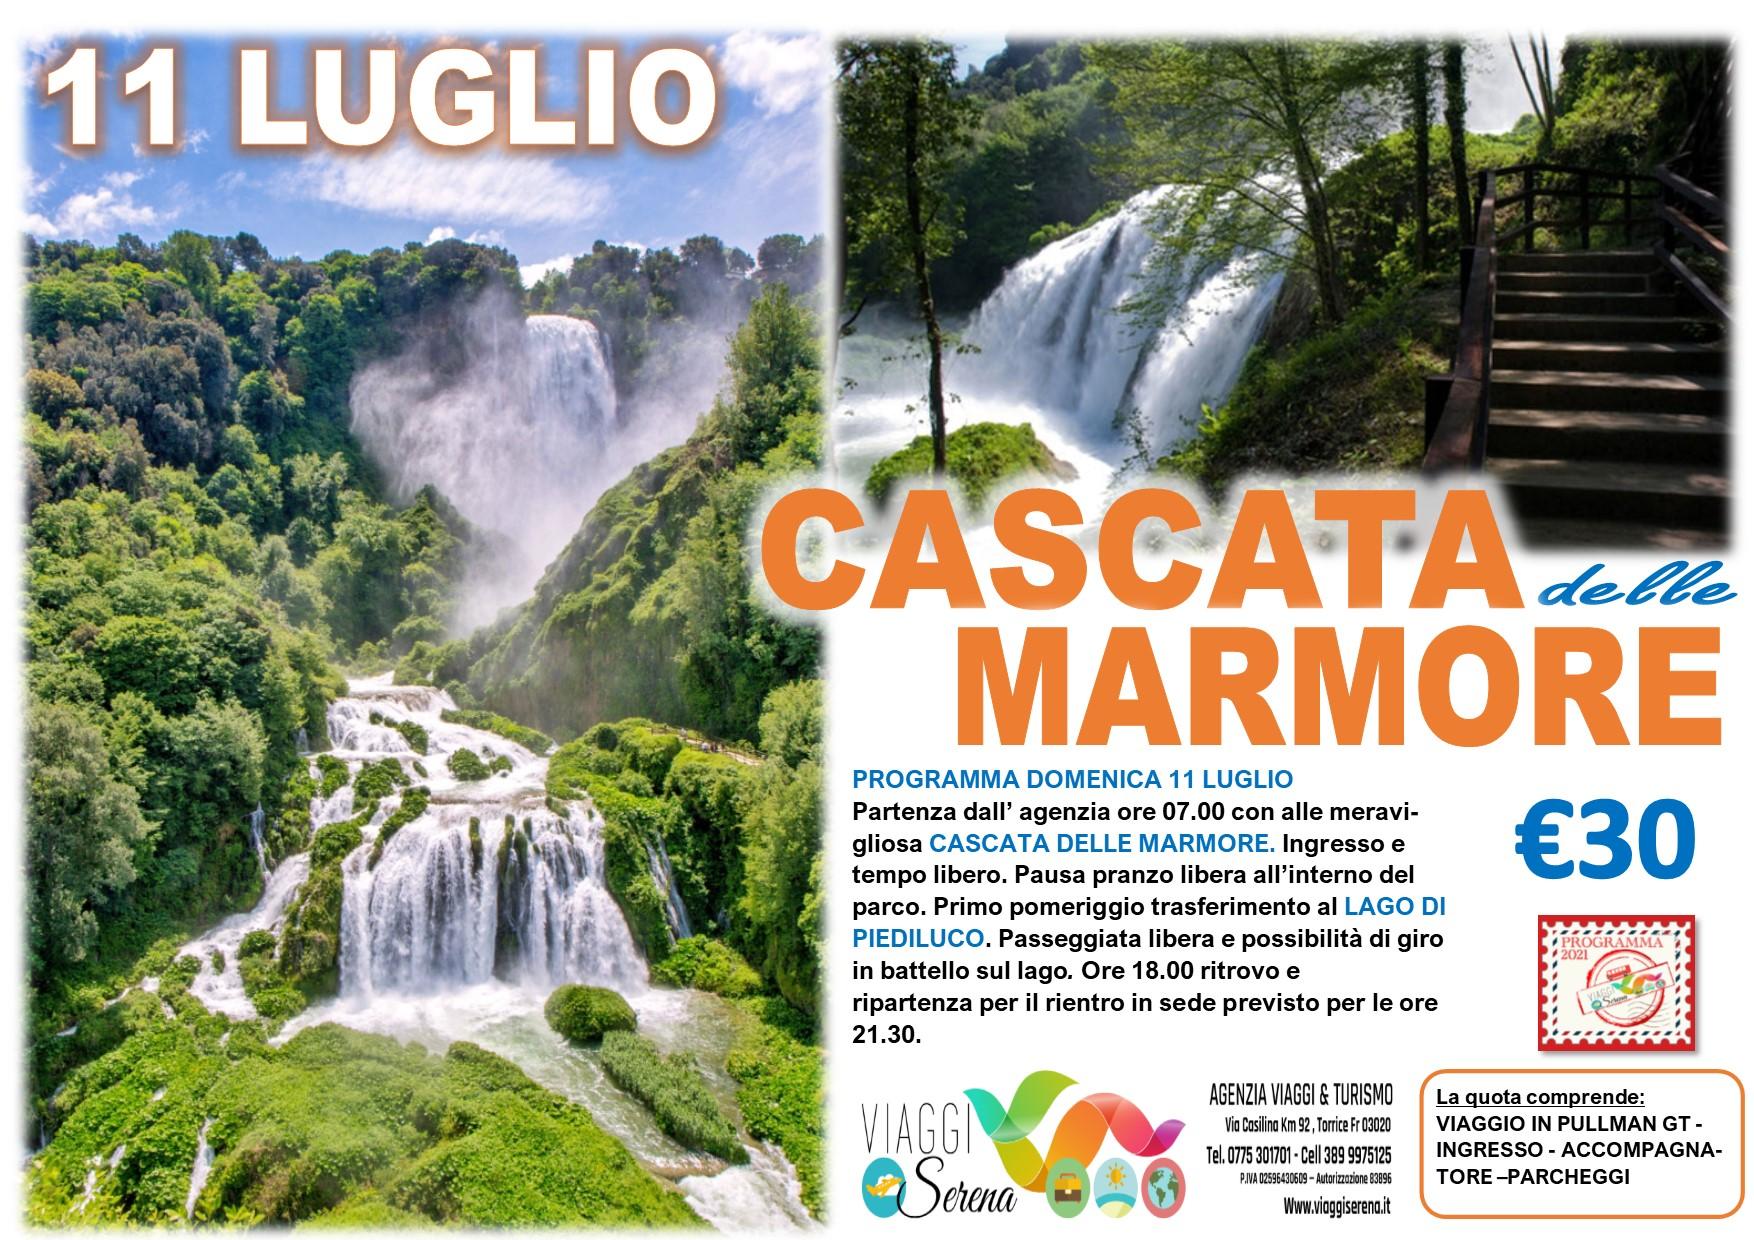 Viaggi di Gruppo:  Cascate delle Marmore & Lago di Piediluco 11 Luglio € 30,00